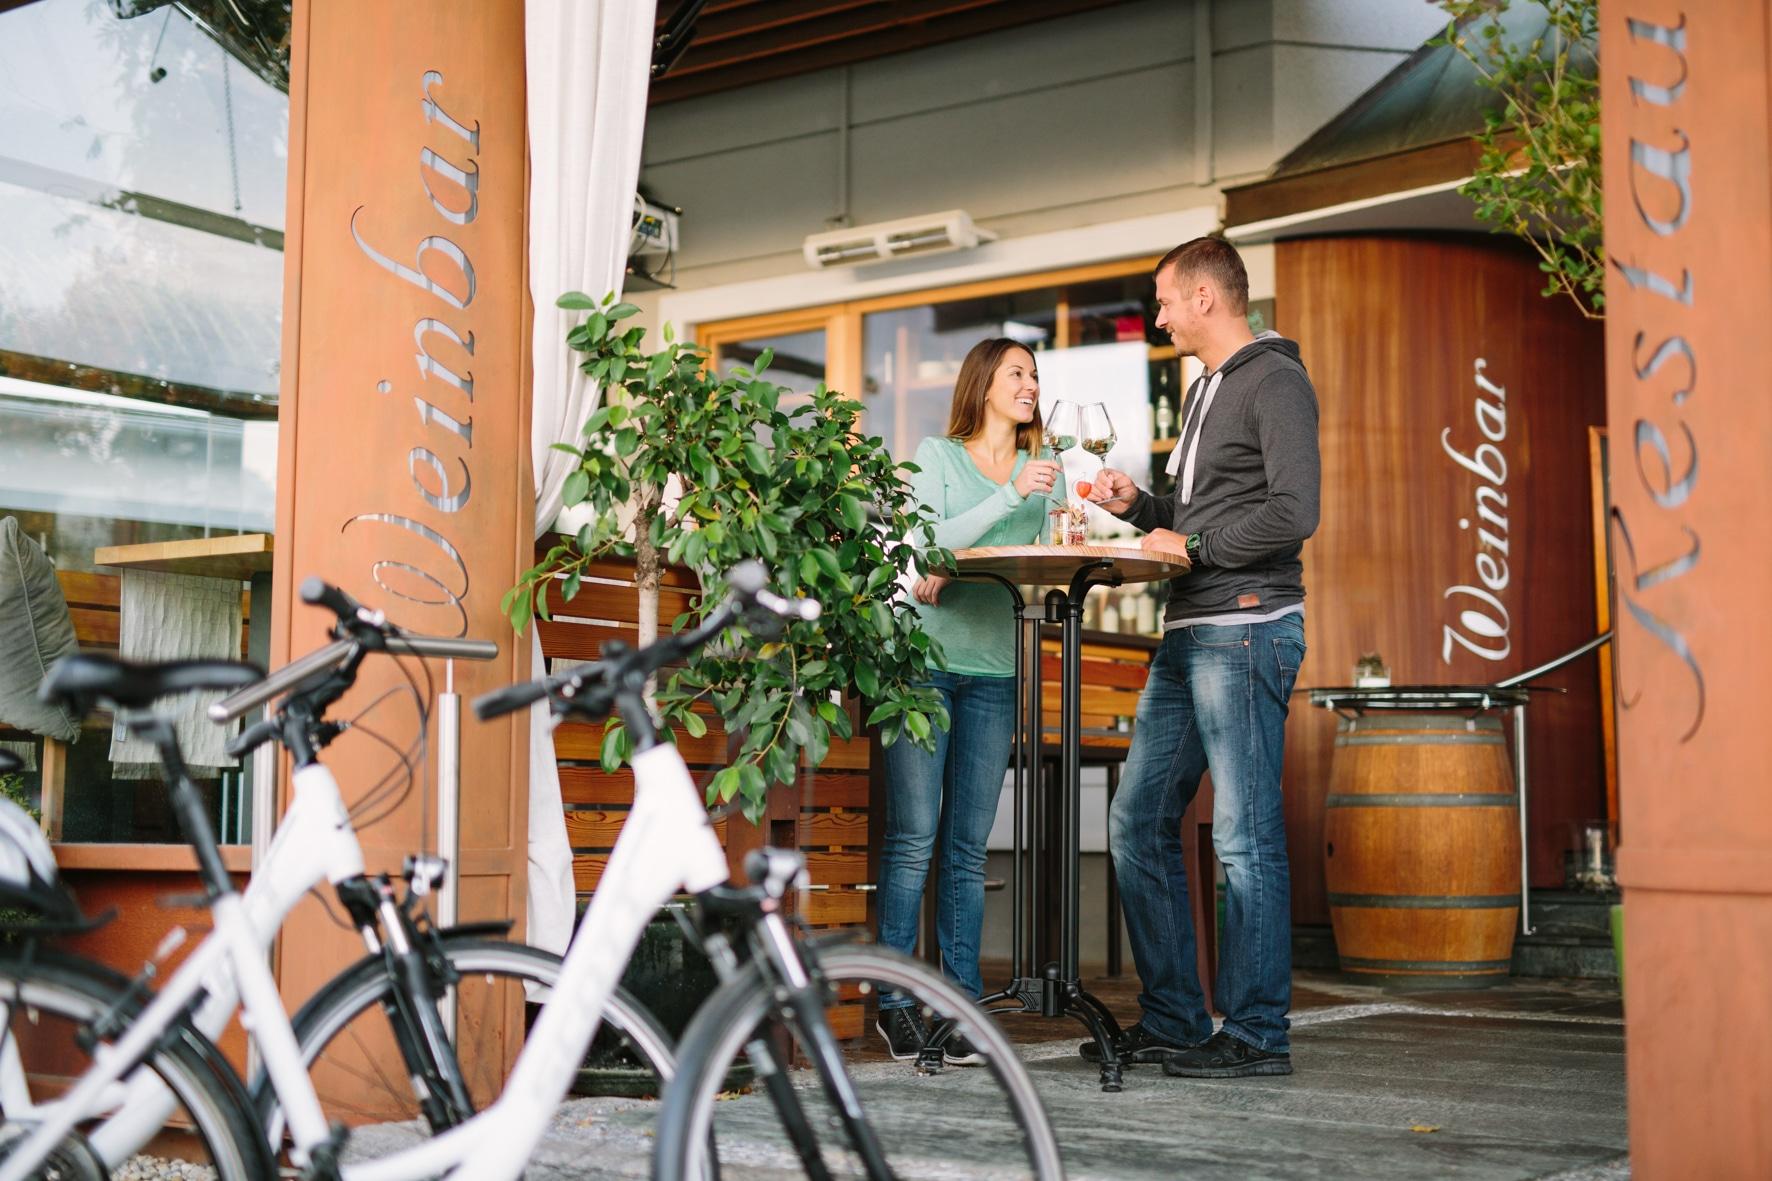 TV Ruprecht Radfahren Ochensberger St. Ruprecht